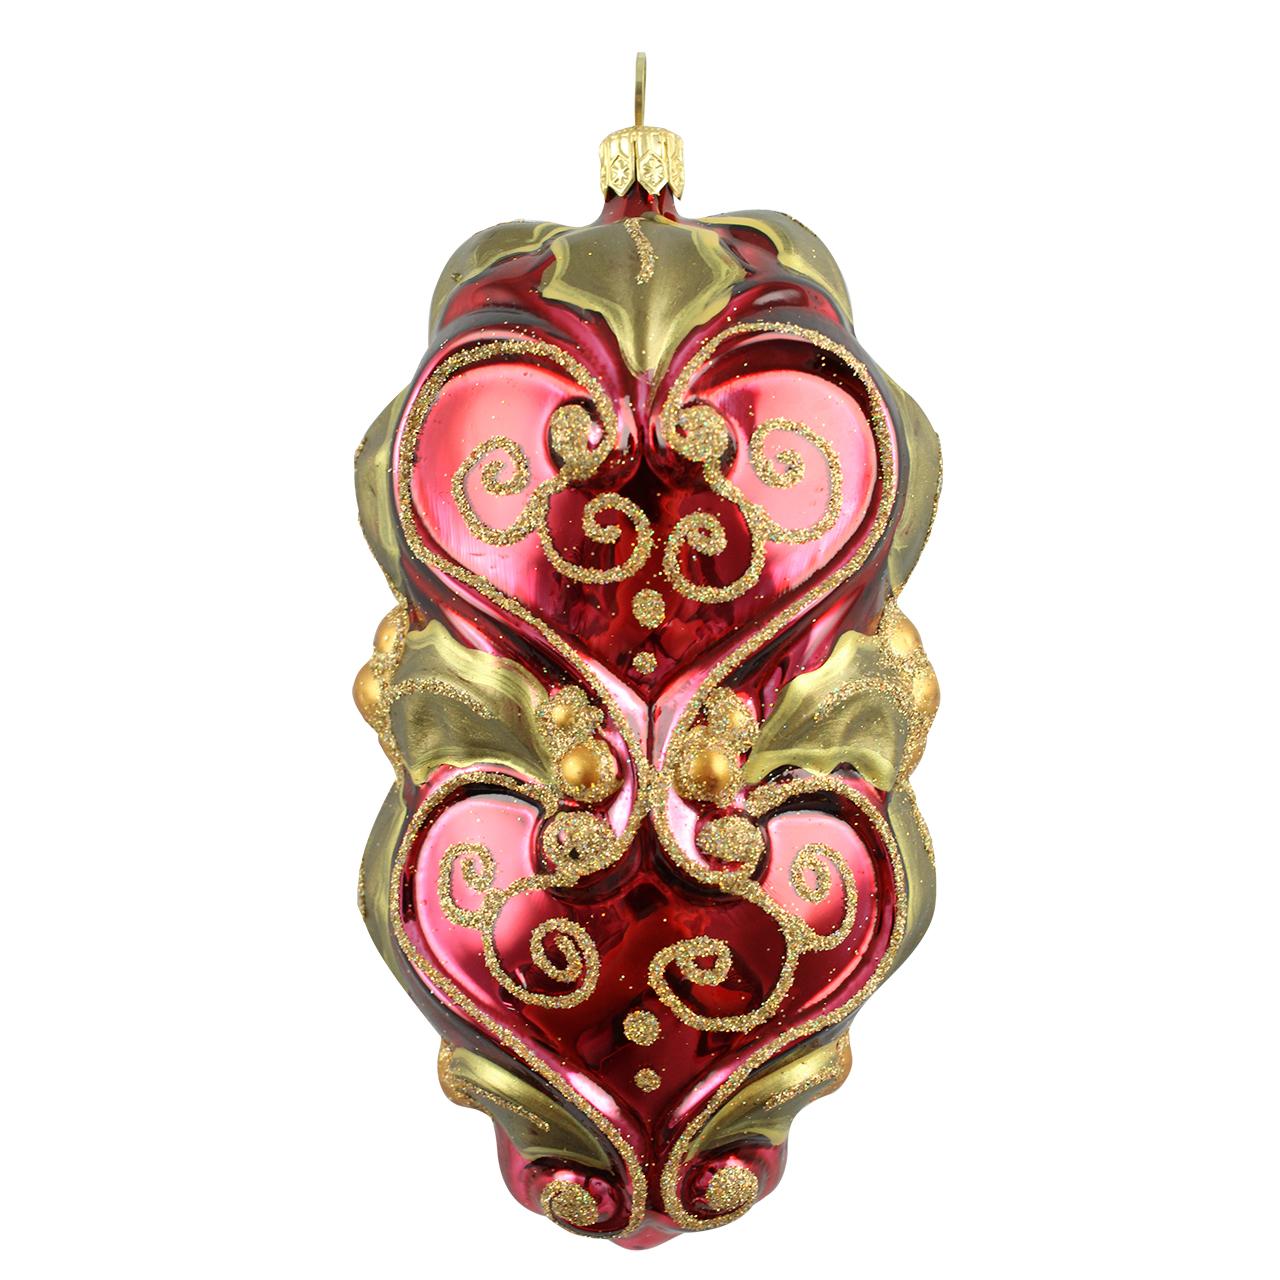 Decoratiune Glob Din Sticla Maro Auriu Cu Visiniu